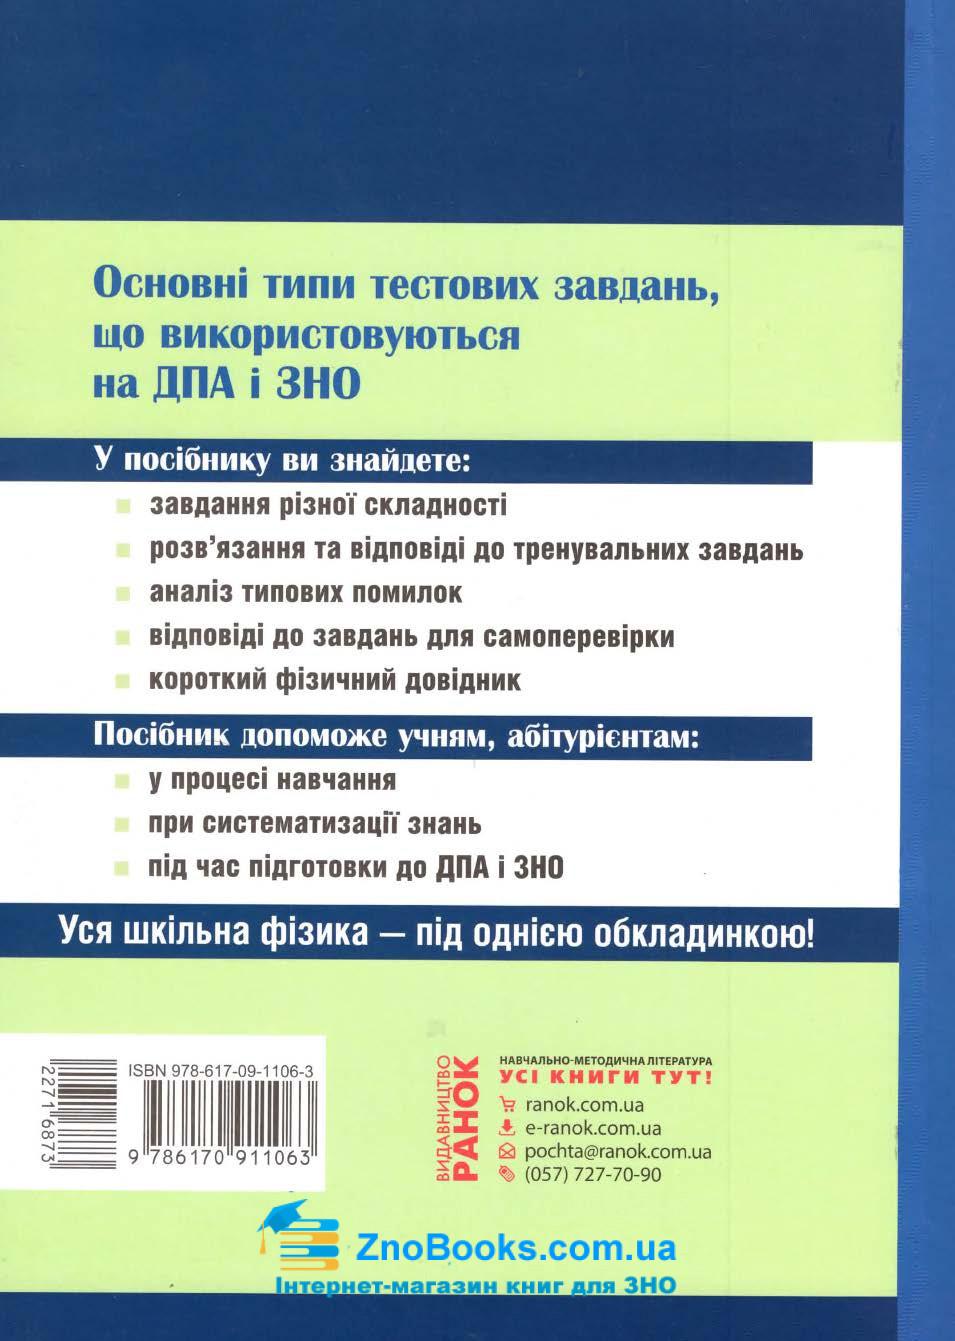 ЗНО 2022 фізика в тестах. Енциклопедія тестових завдань : Гельфгат І. Ранок. купити 11